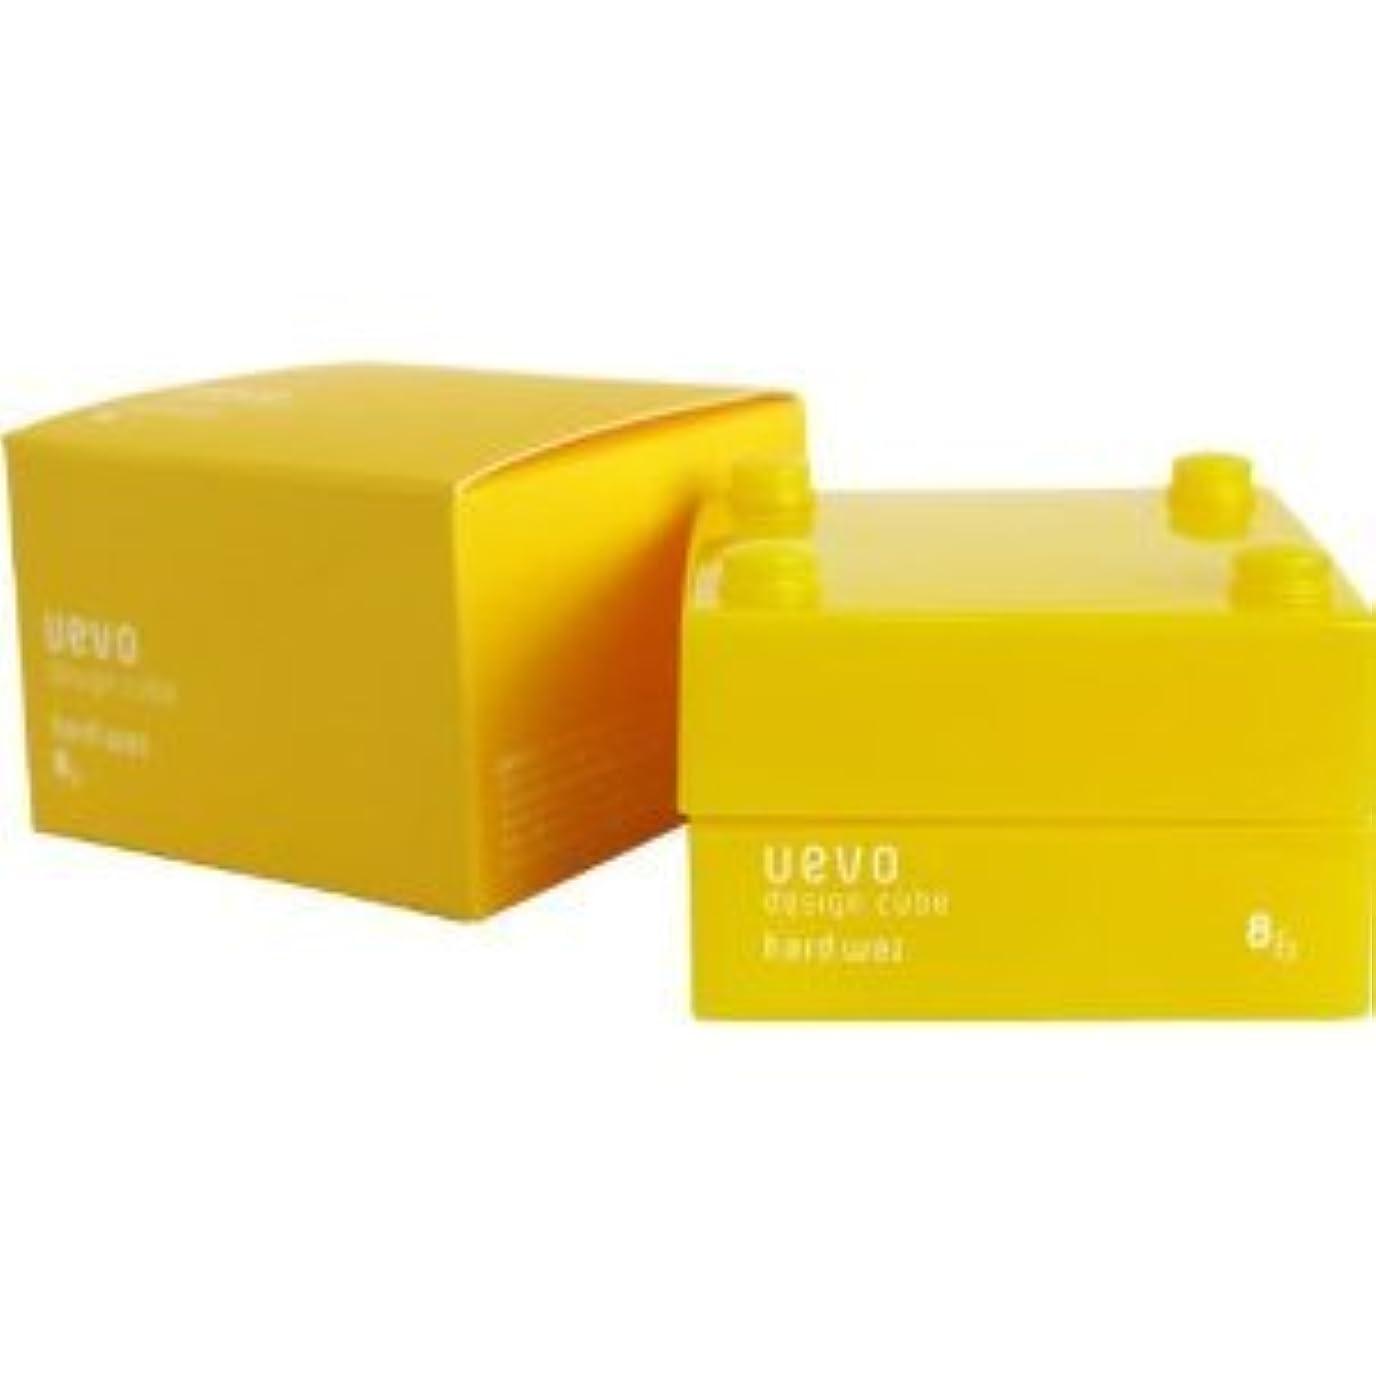 群集水没つぶす【X3個セット】 デミ ウェーボ デザインキューブ ハードワックス 30g hard wax DEMI uevo design cube